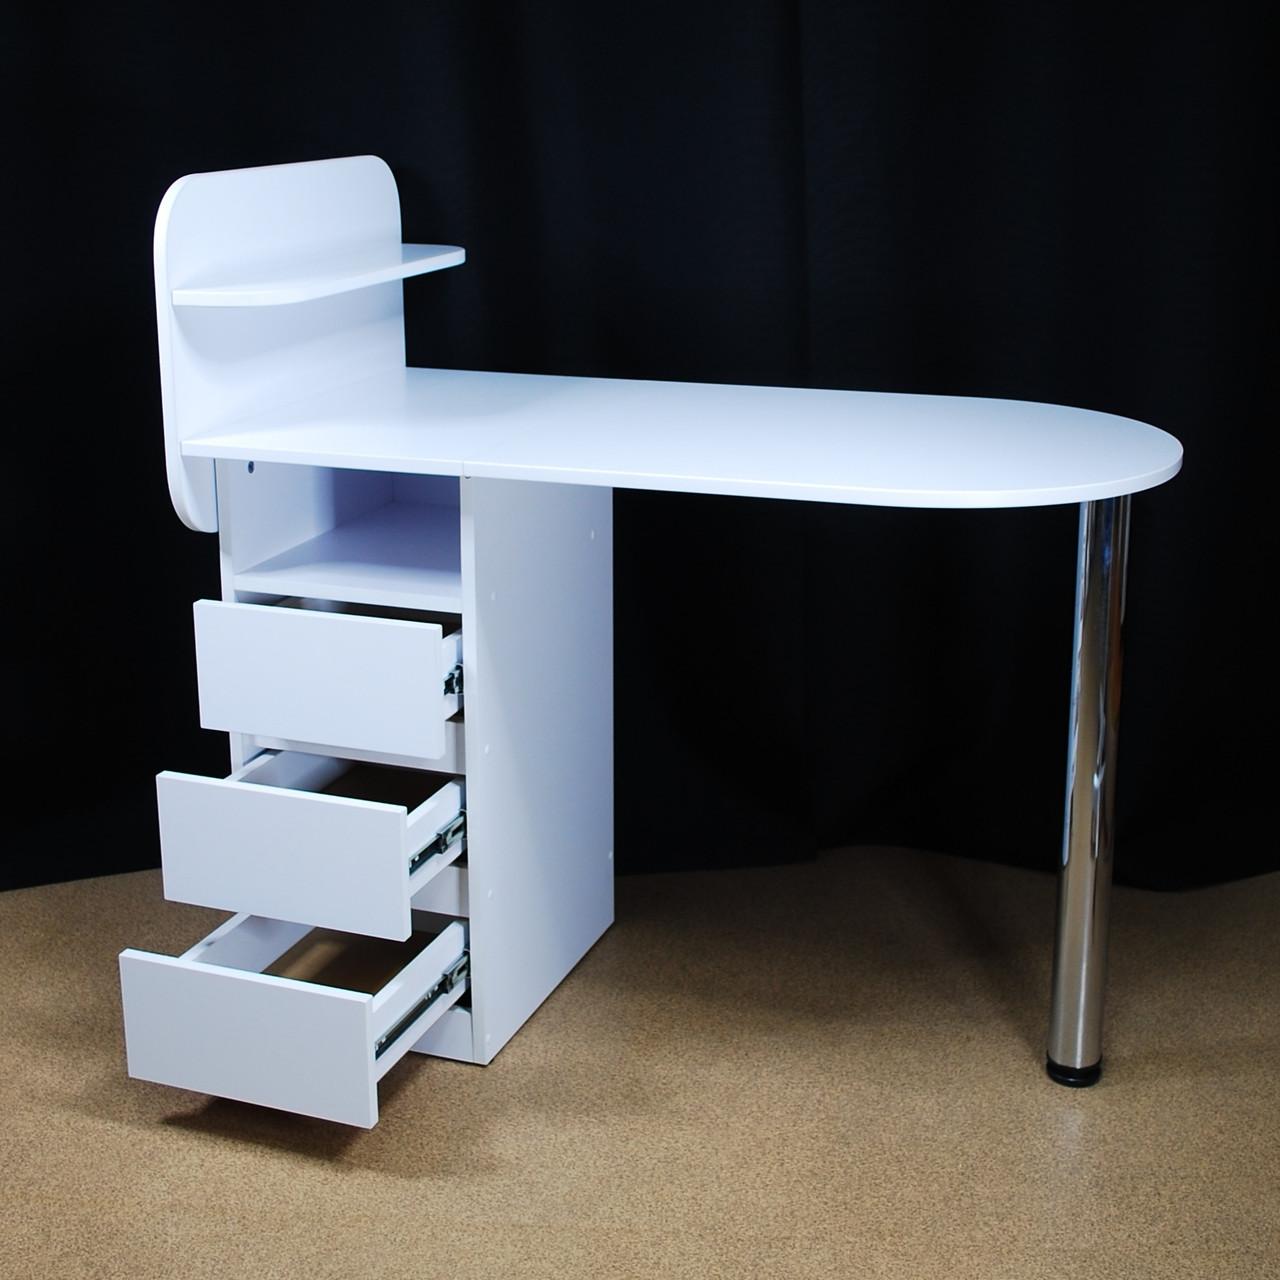 Стол маникюрный с полкой. Стол складной. Стол для мастера маникюра. Маникюрный стол трансформер